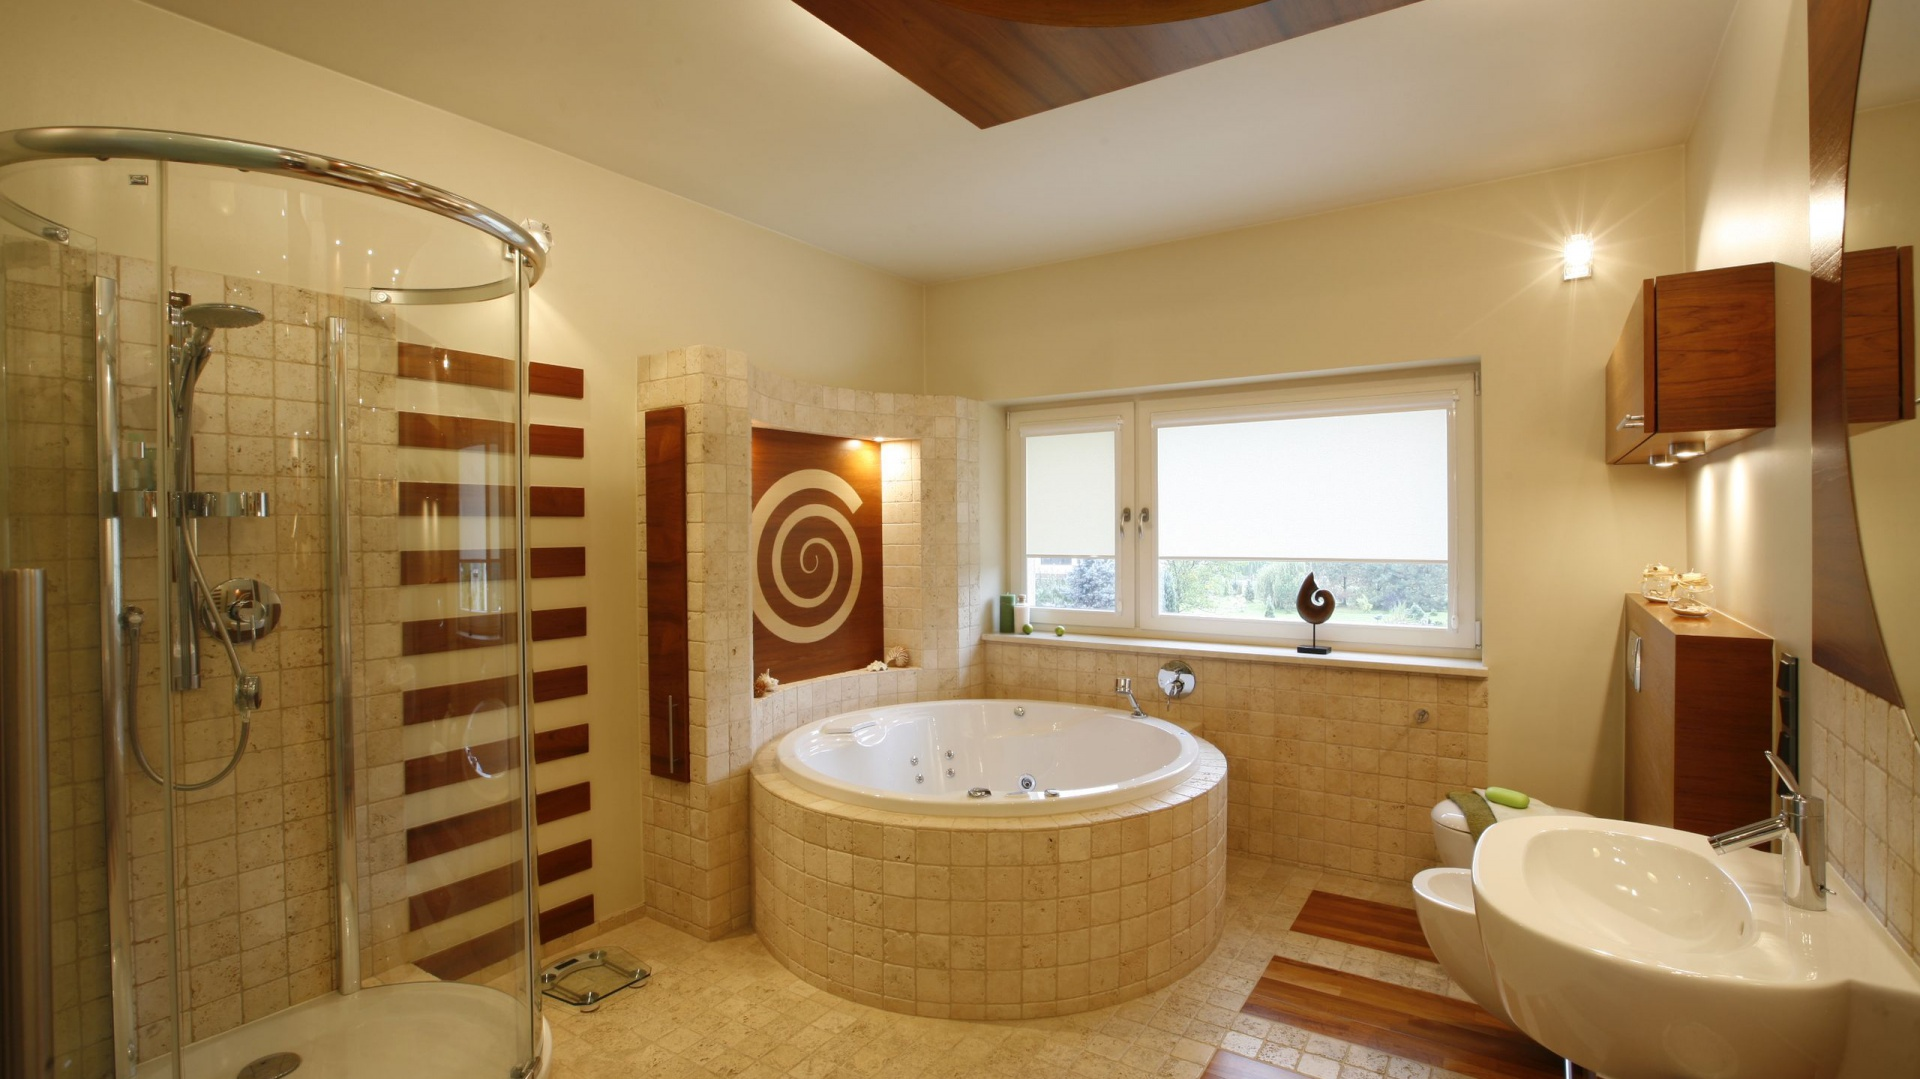 łazienki W Beżach I Brązach Tak Urządzisz Domowe Spa